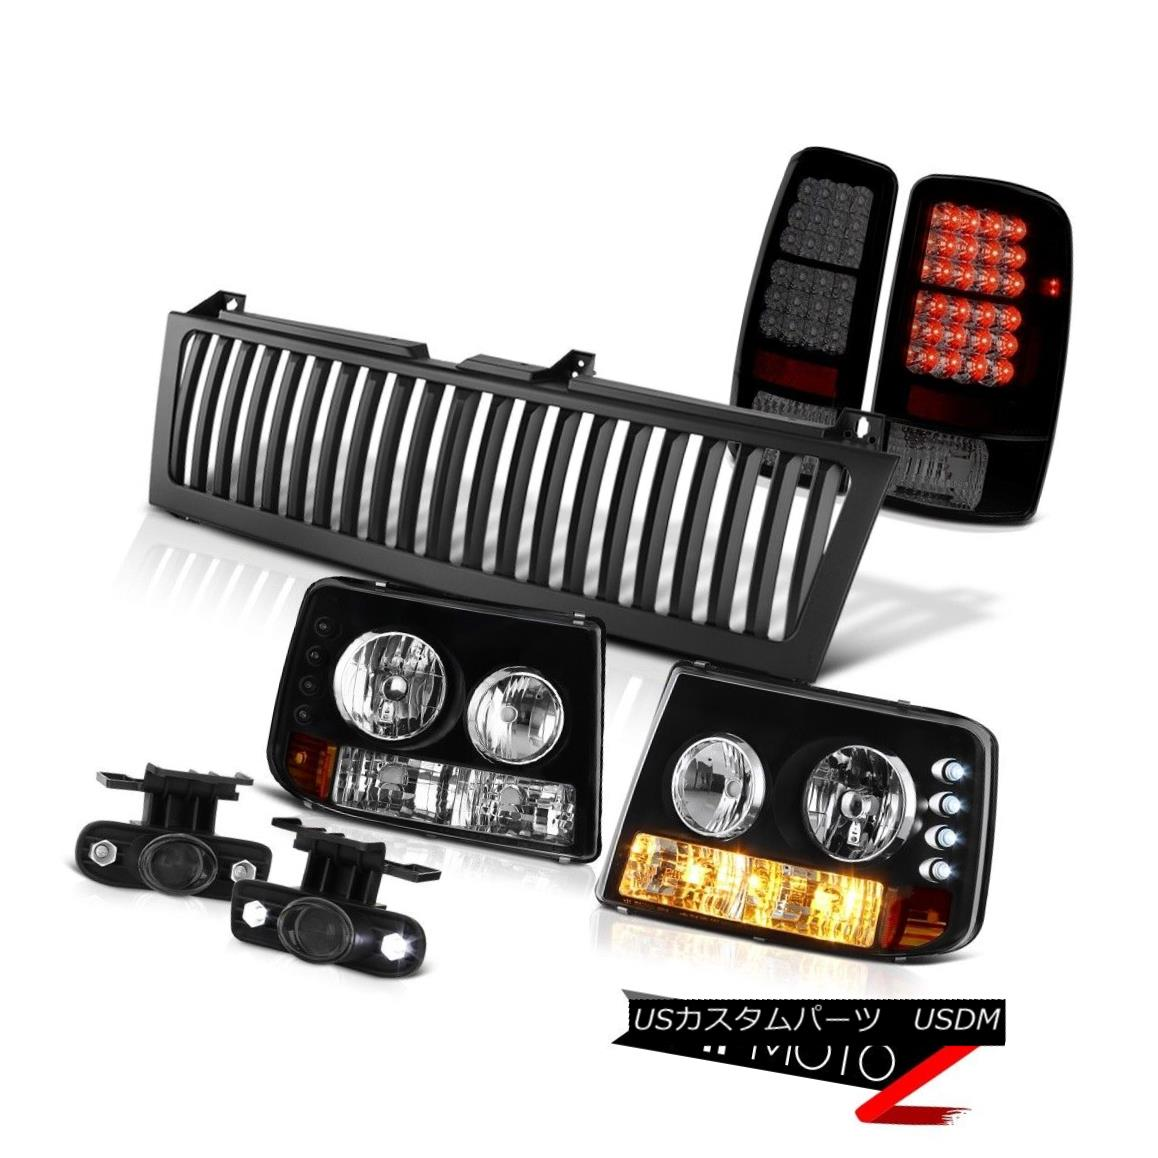 テールライト 2000-2006 Suburban Headlight Sinister Black LED Brake Lamps Projector Fog Grille 2000-2006郊外ヘッドライト不快な黒LEDブレーキランププロジェクターフォググリル